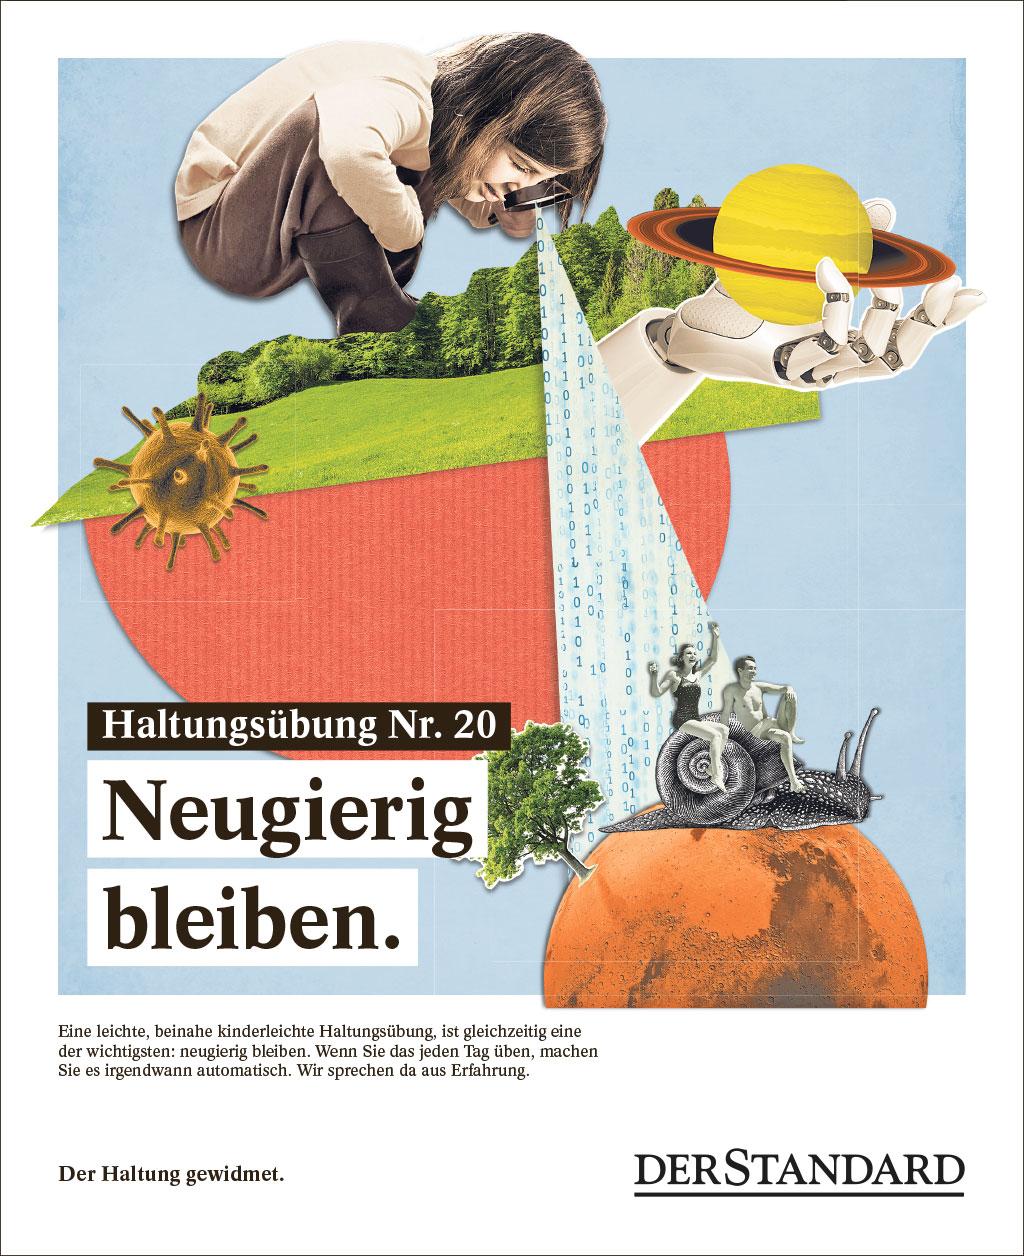 IMG_Haltungsbung20_Neugierig-bleiben_1024x1256